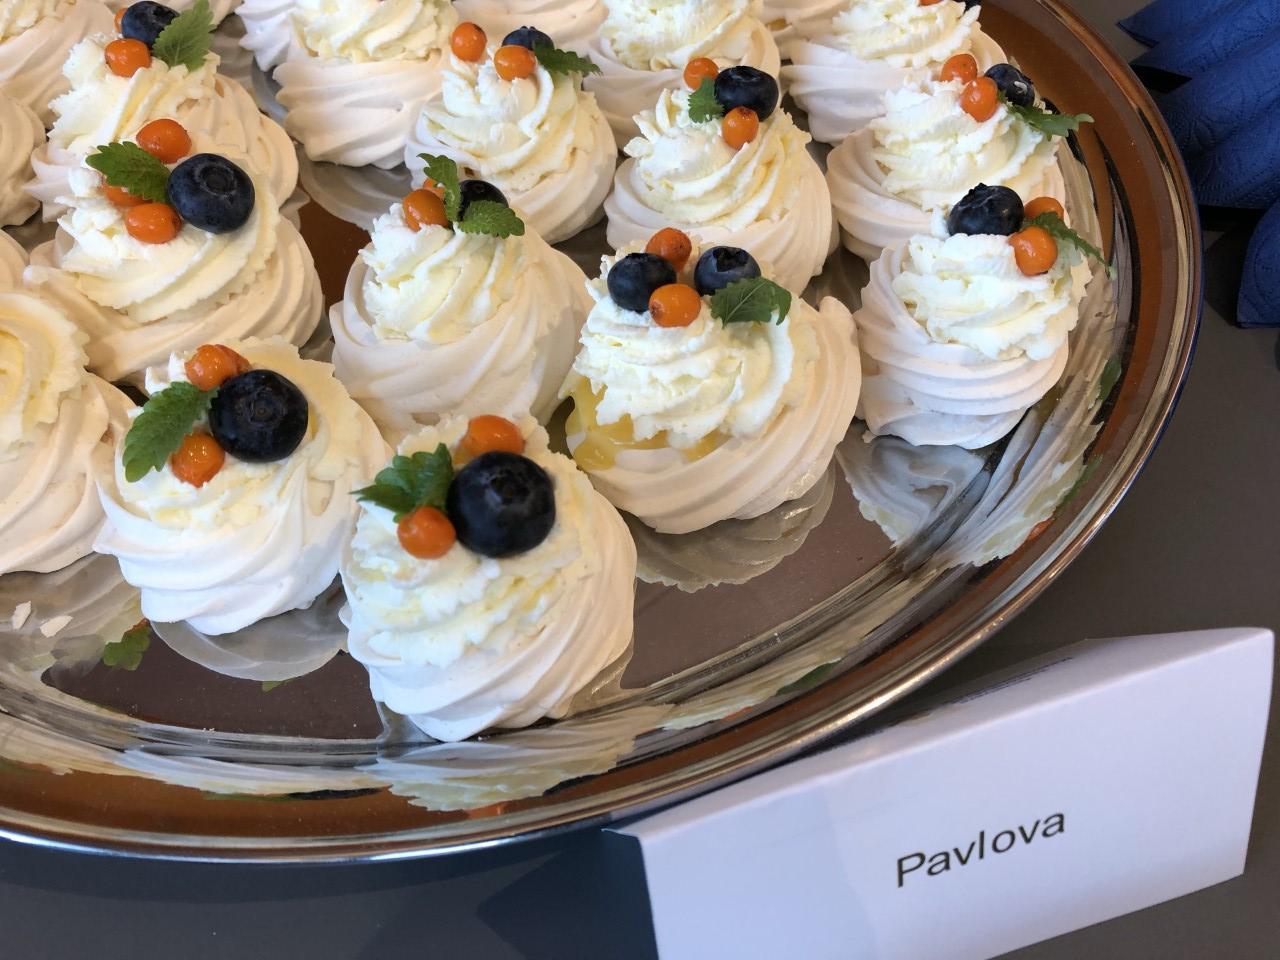 Pavlova kook vaagnal